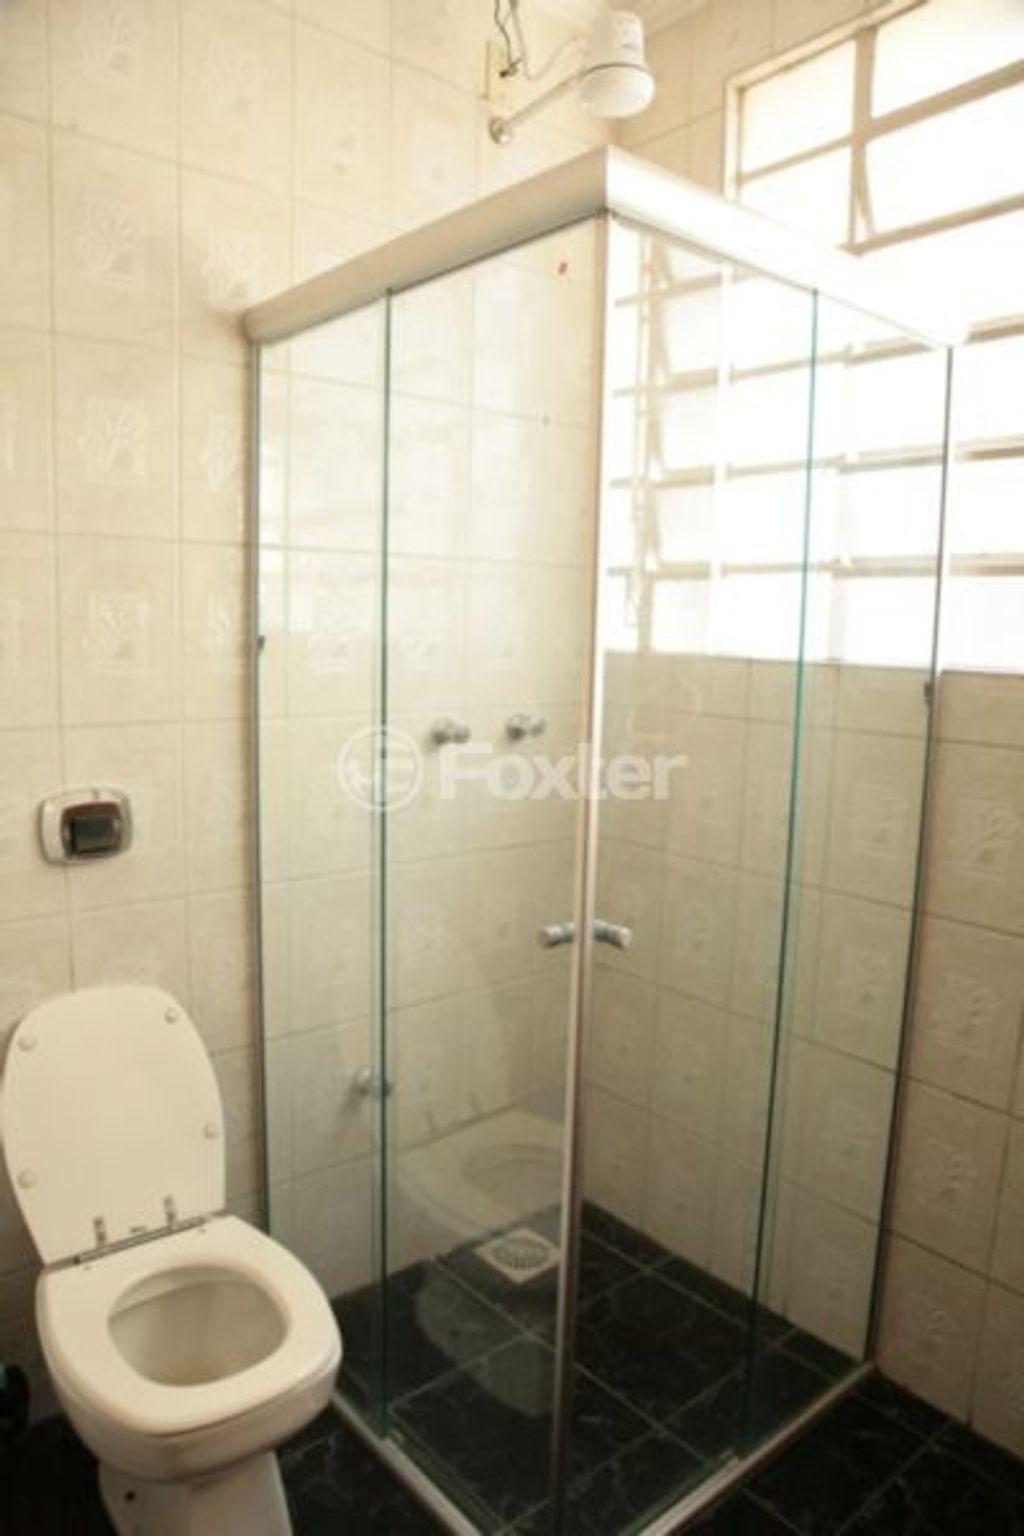 Foxter Imobiliária - Cobertura 4 Dorm (10124) - Foto 20